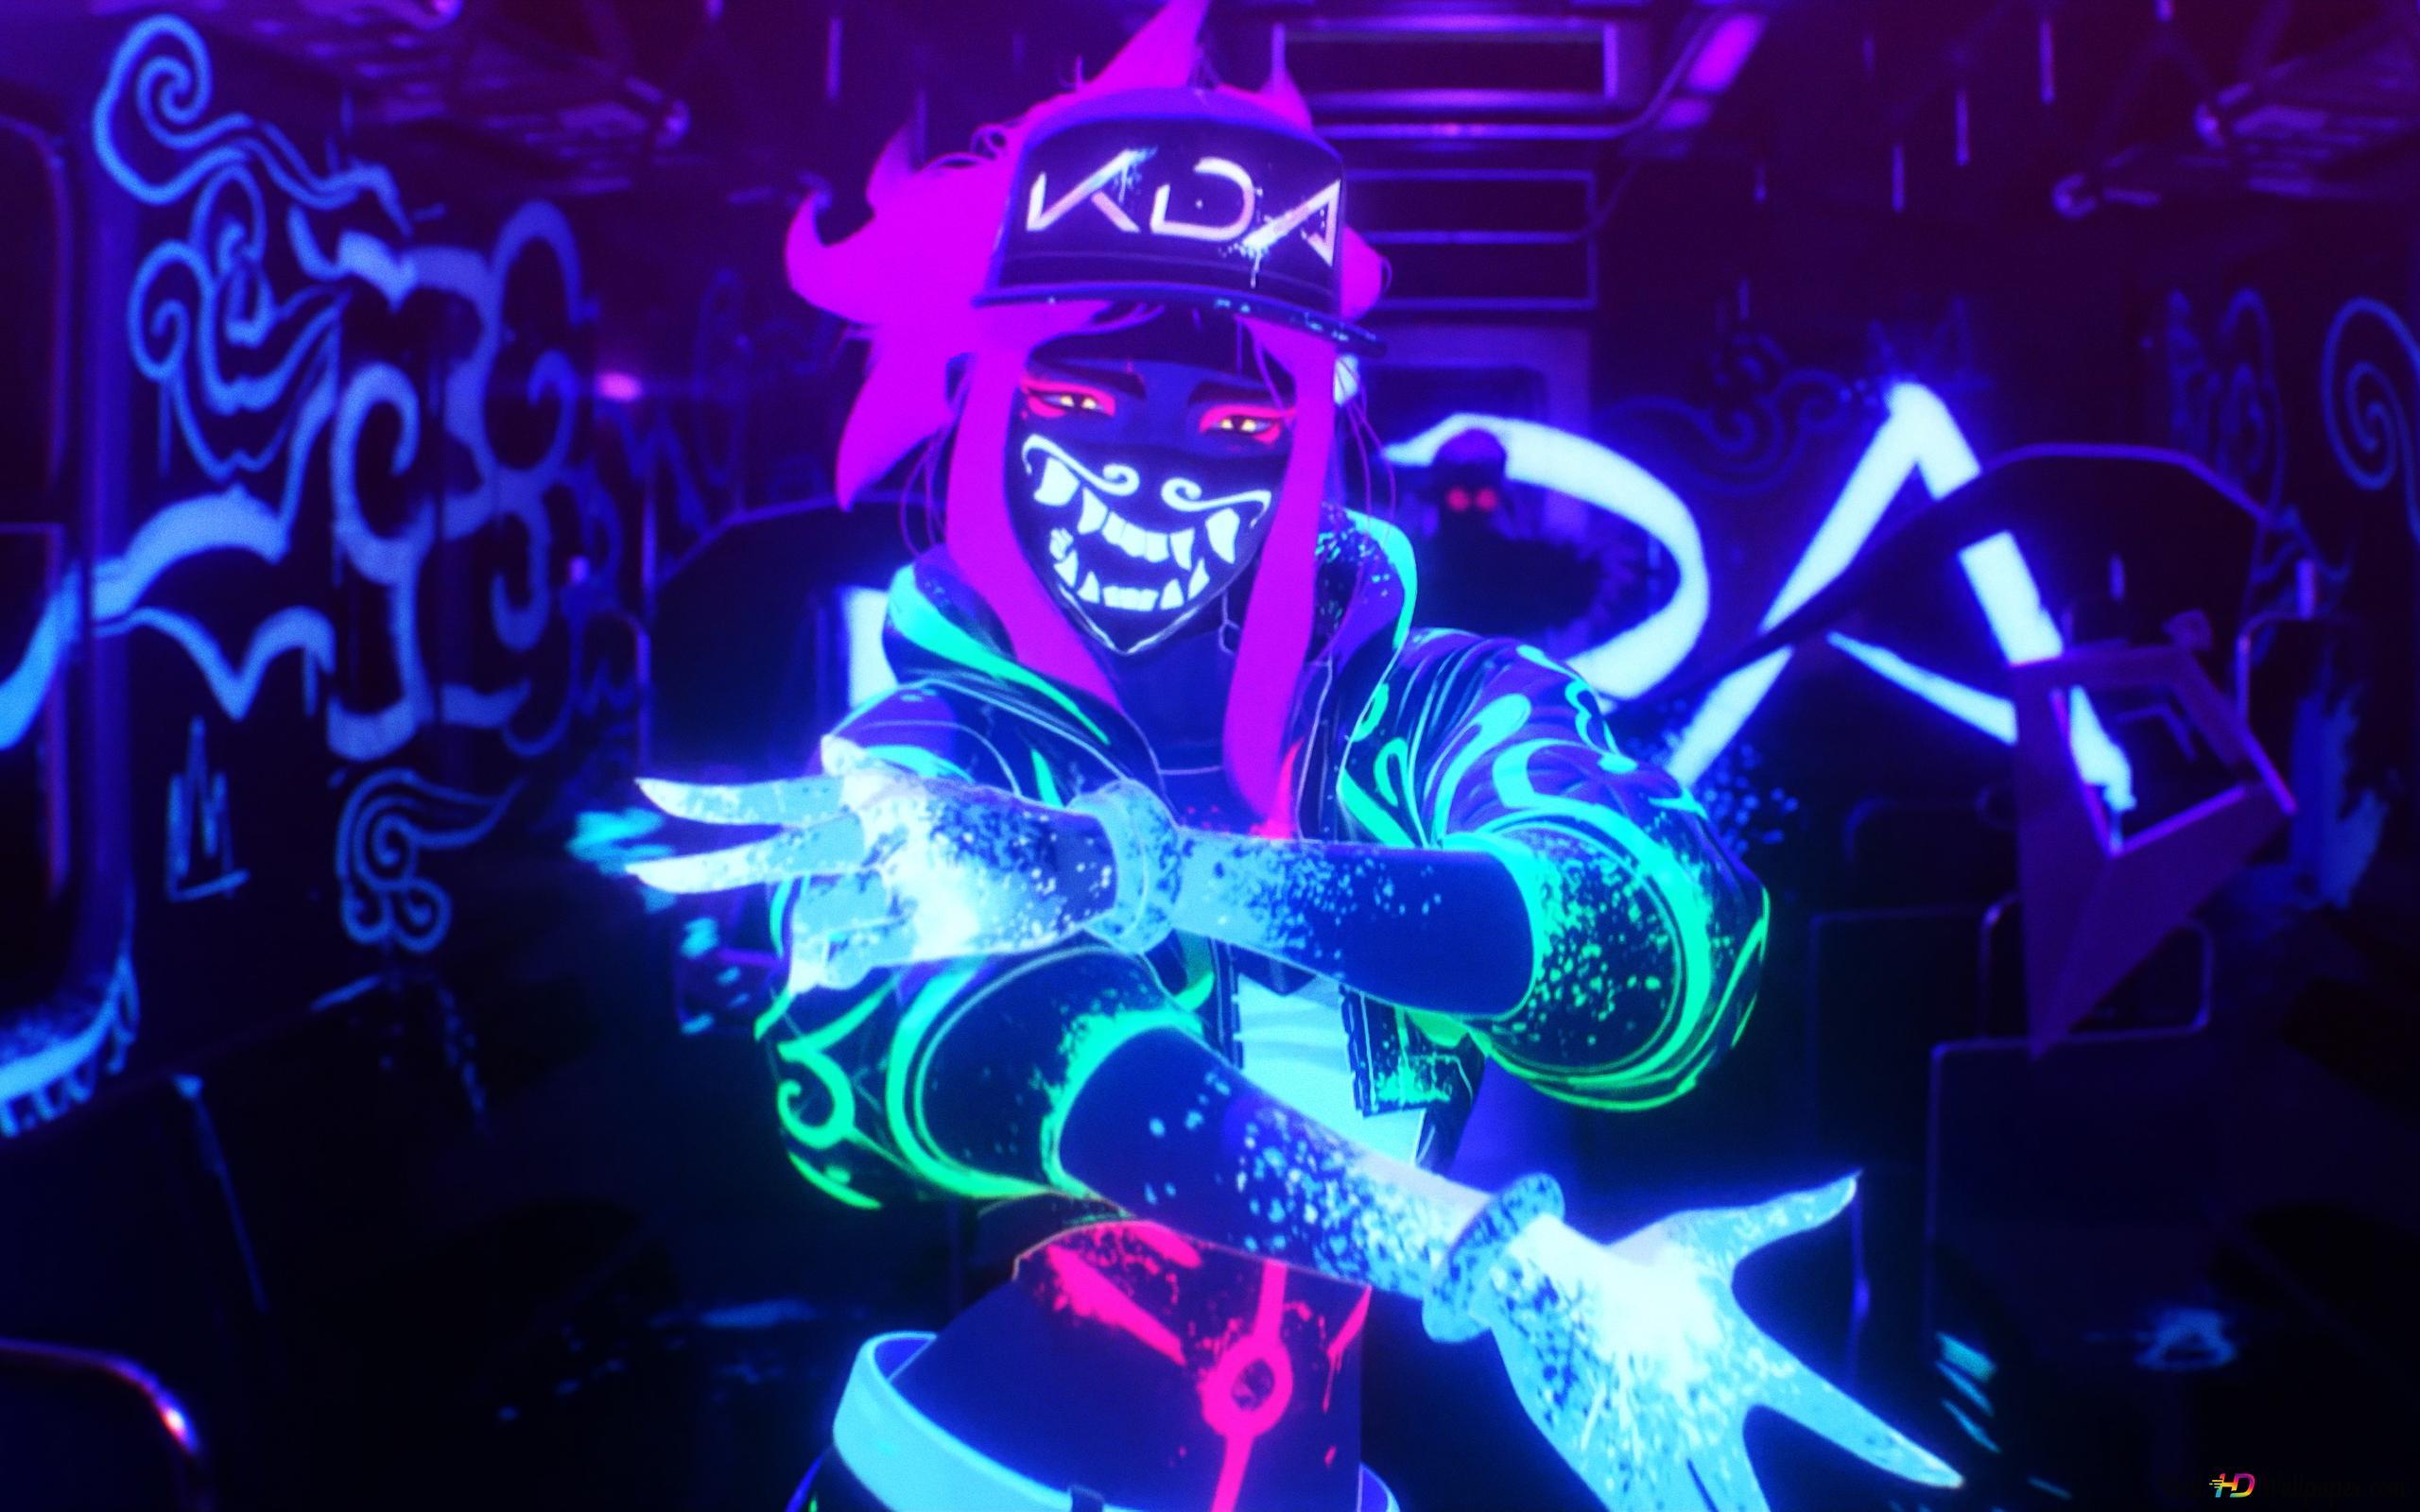 Lol League Of Legends Popstar K Da Akali Neon Hd Wallpaper Download